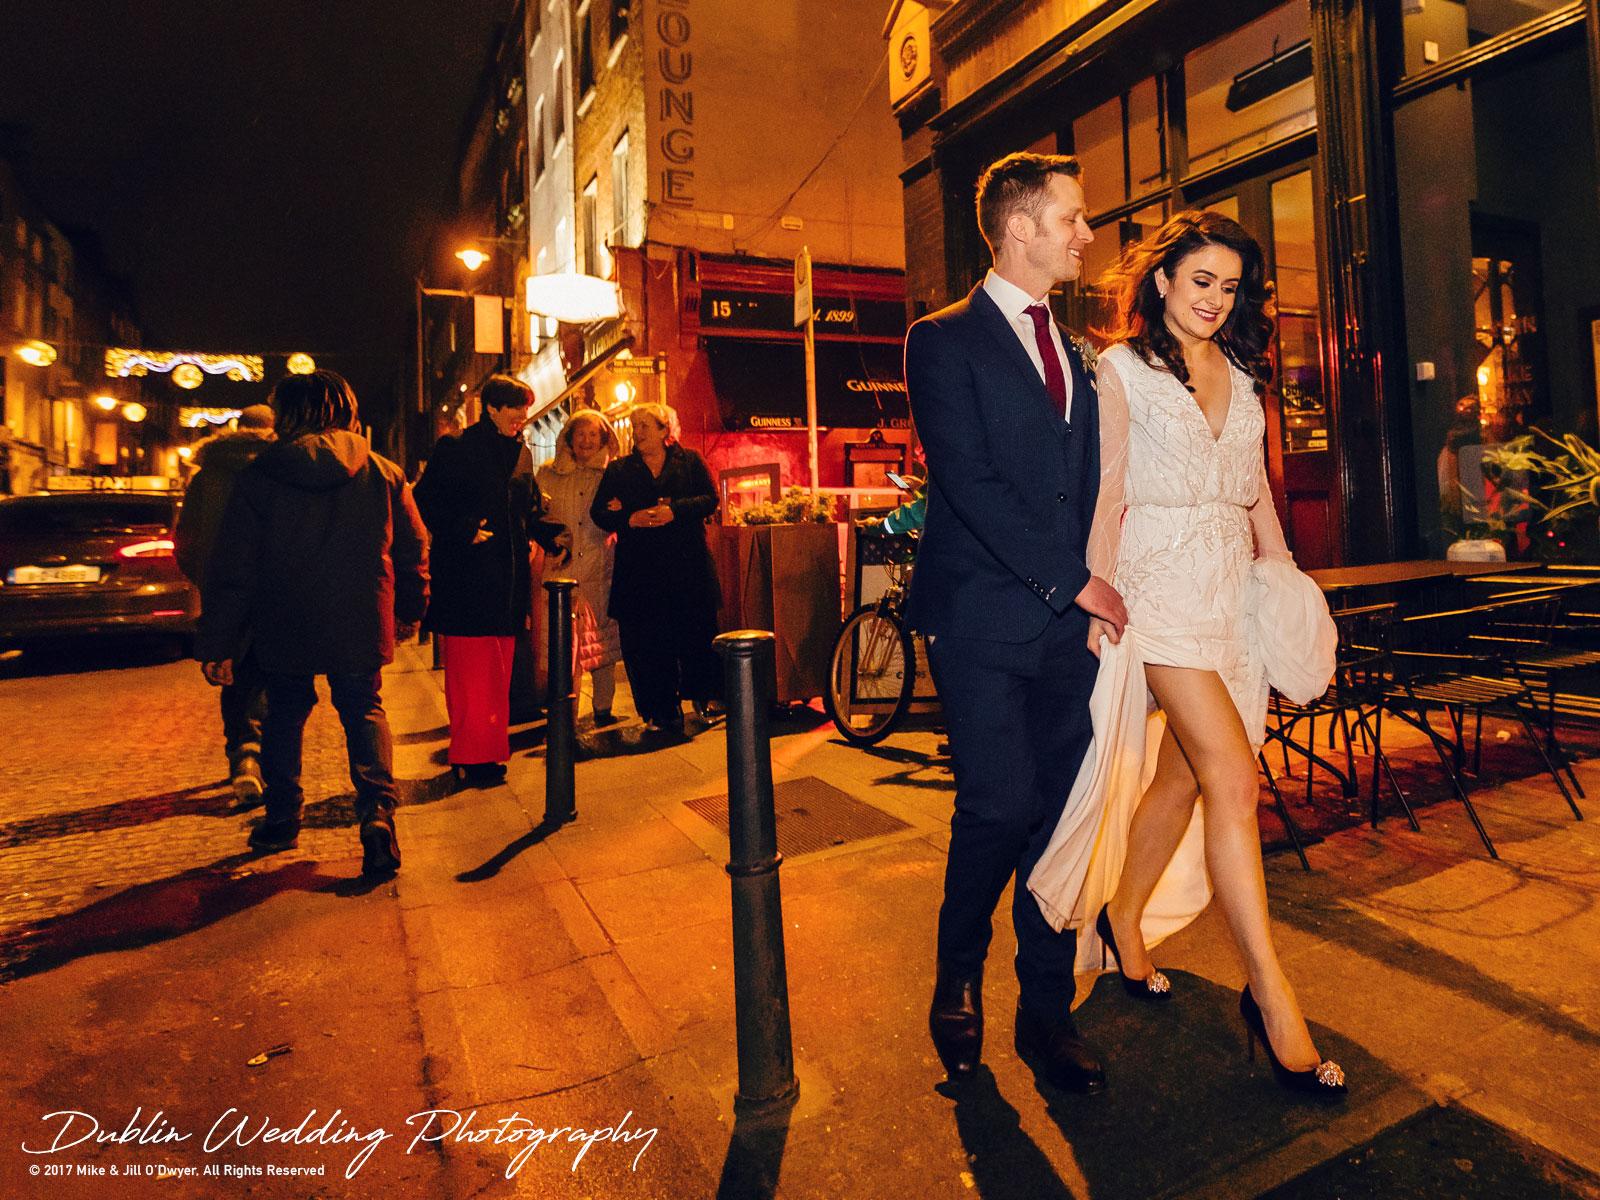 Dublin Wedding Photographer City Streets 073